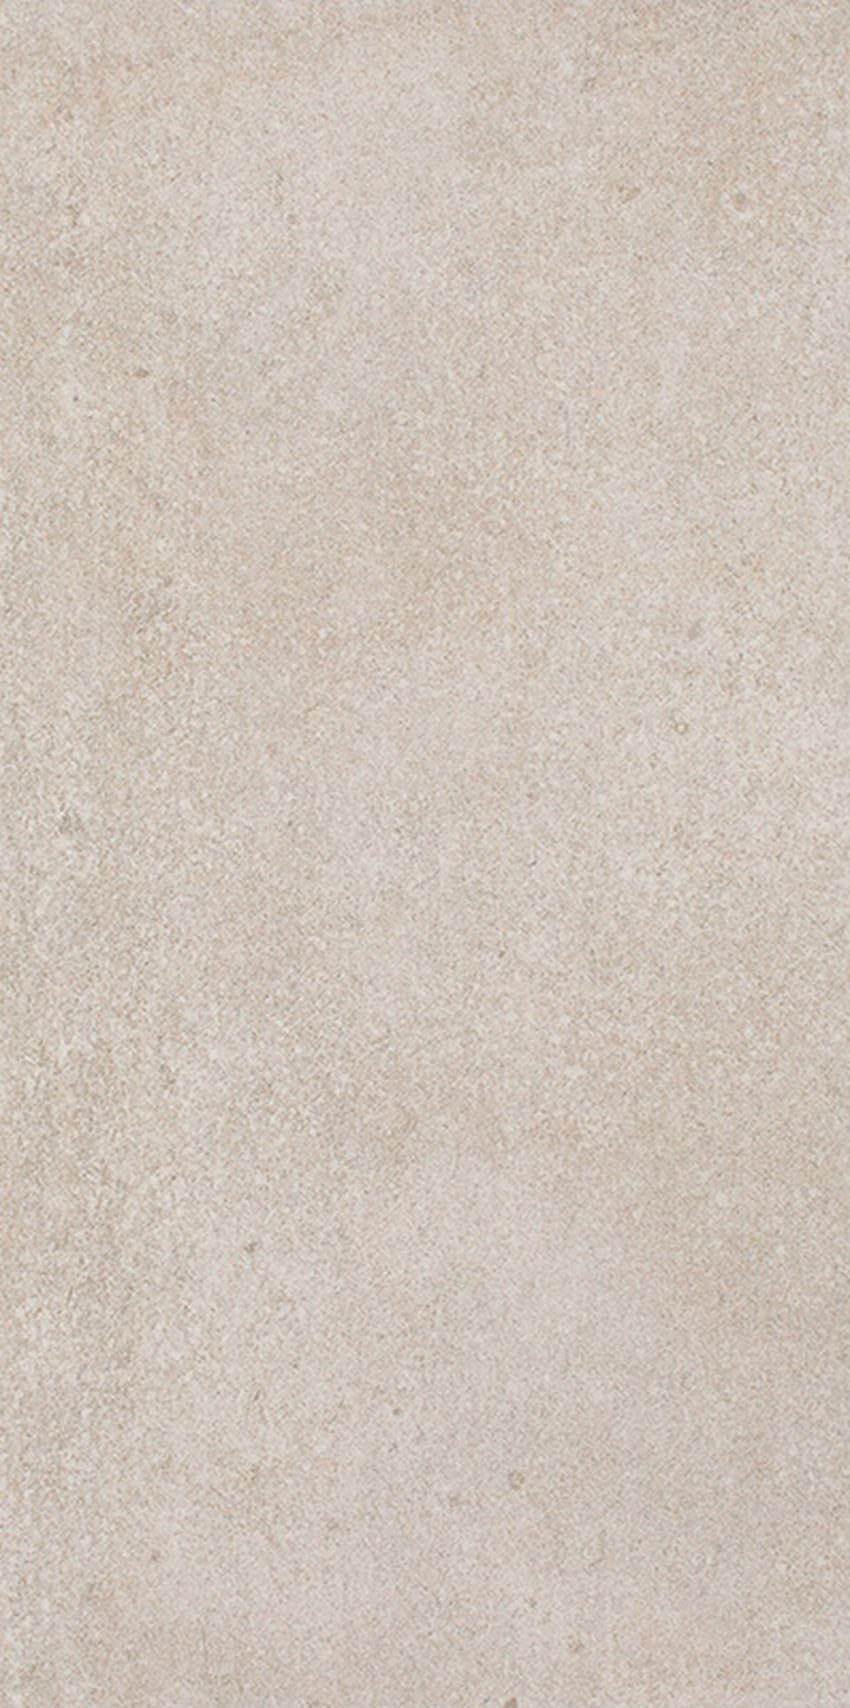 Płytka ścienno-podłogowa 29,8x59,8 cm Paradyż Riversand Beige Gres Szkl. Rekt. Półpoler